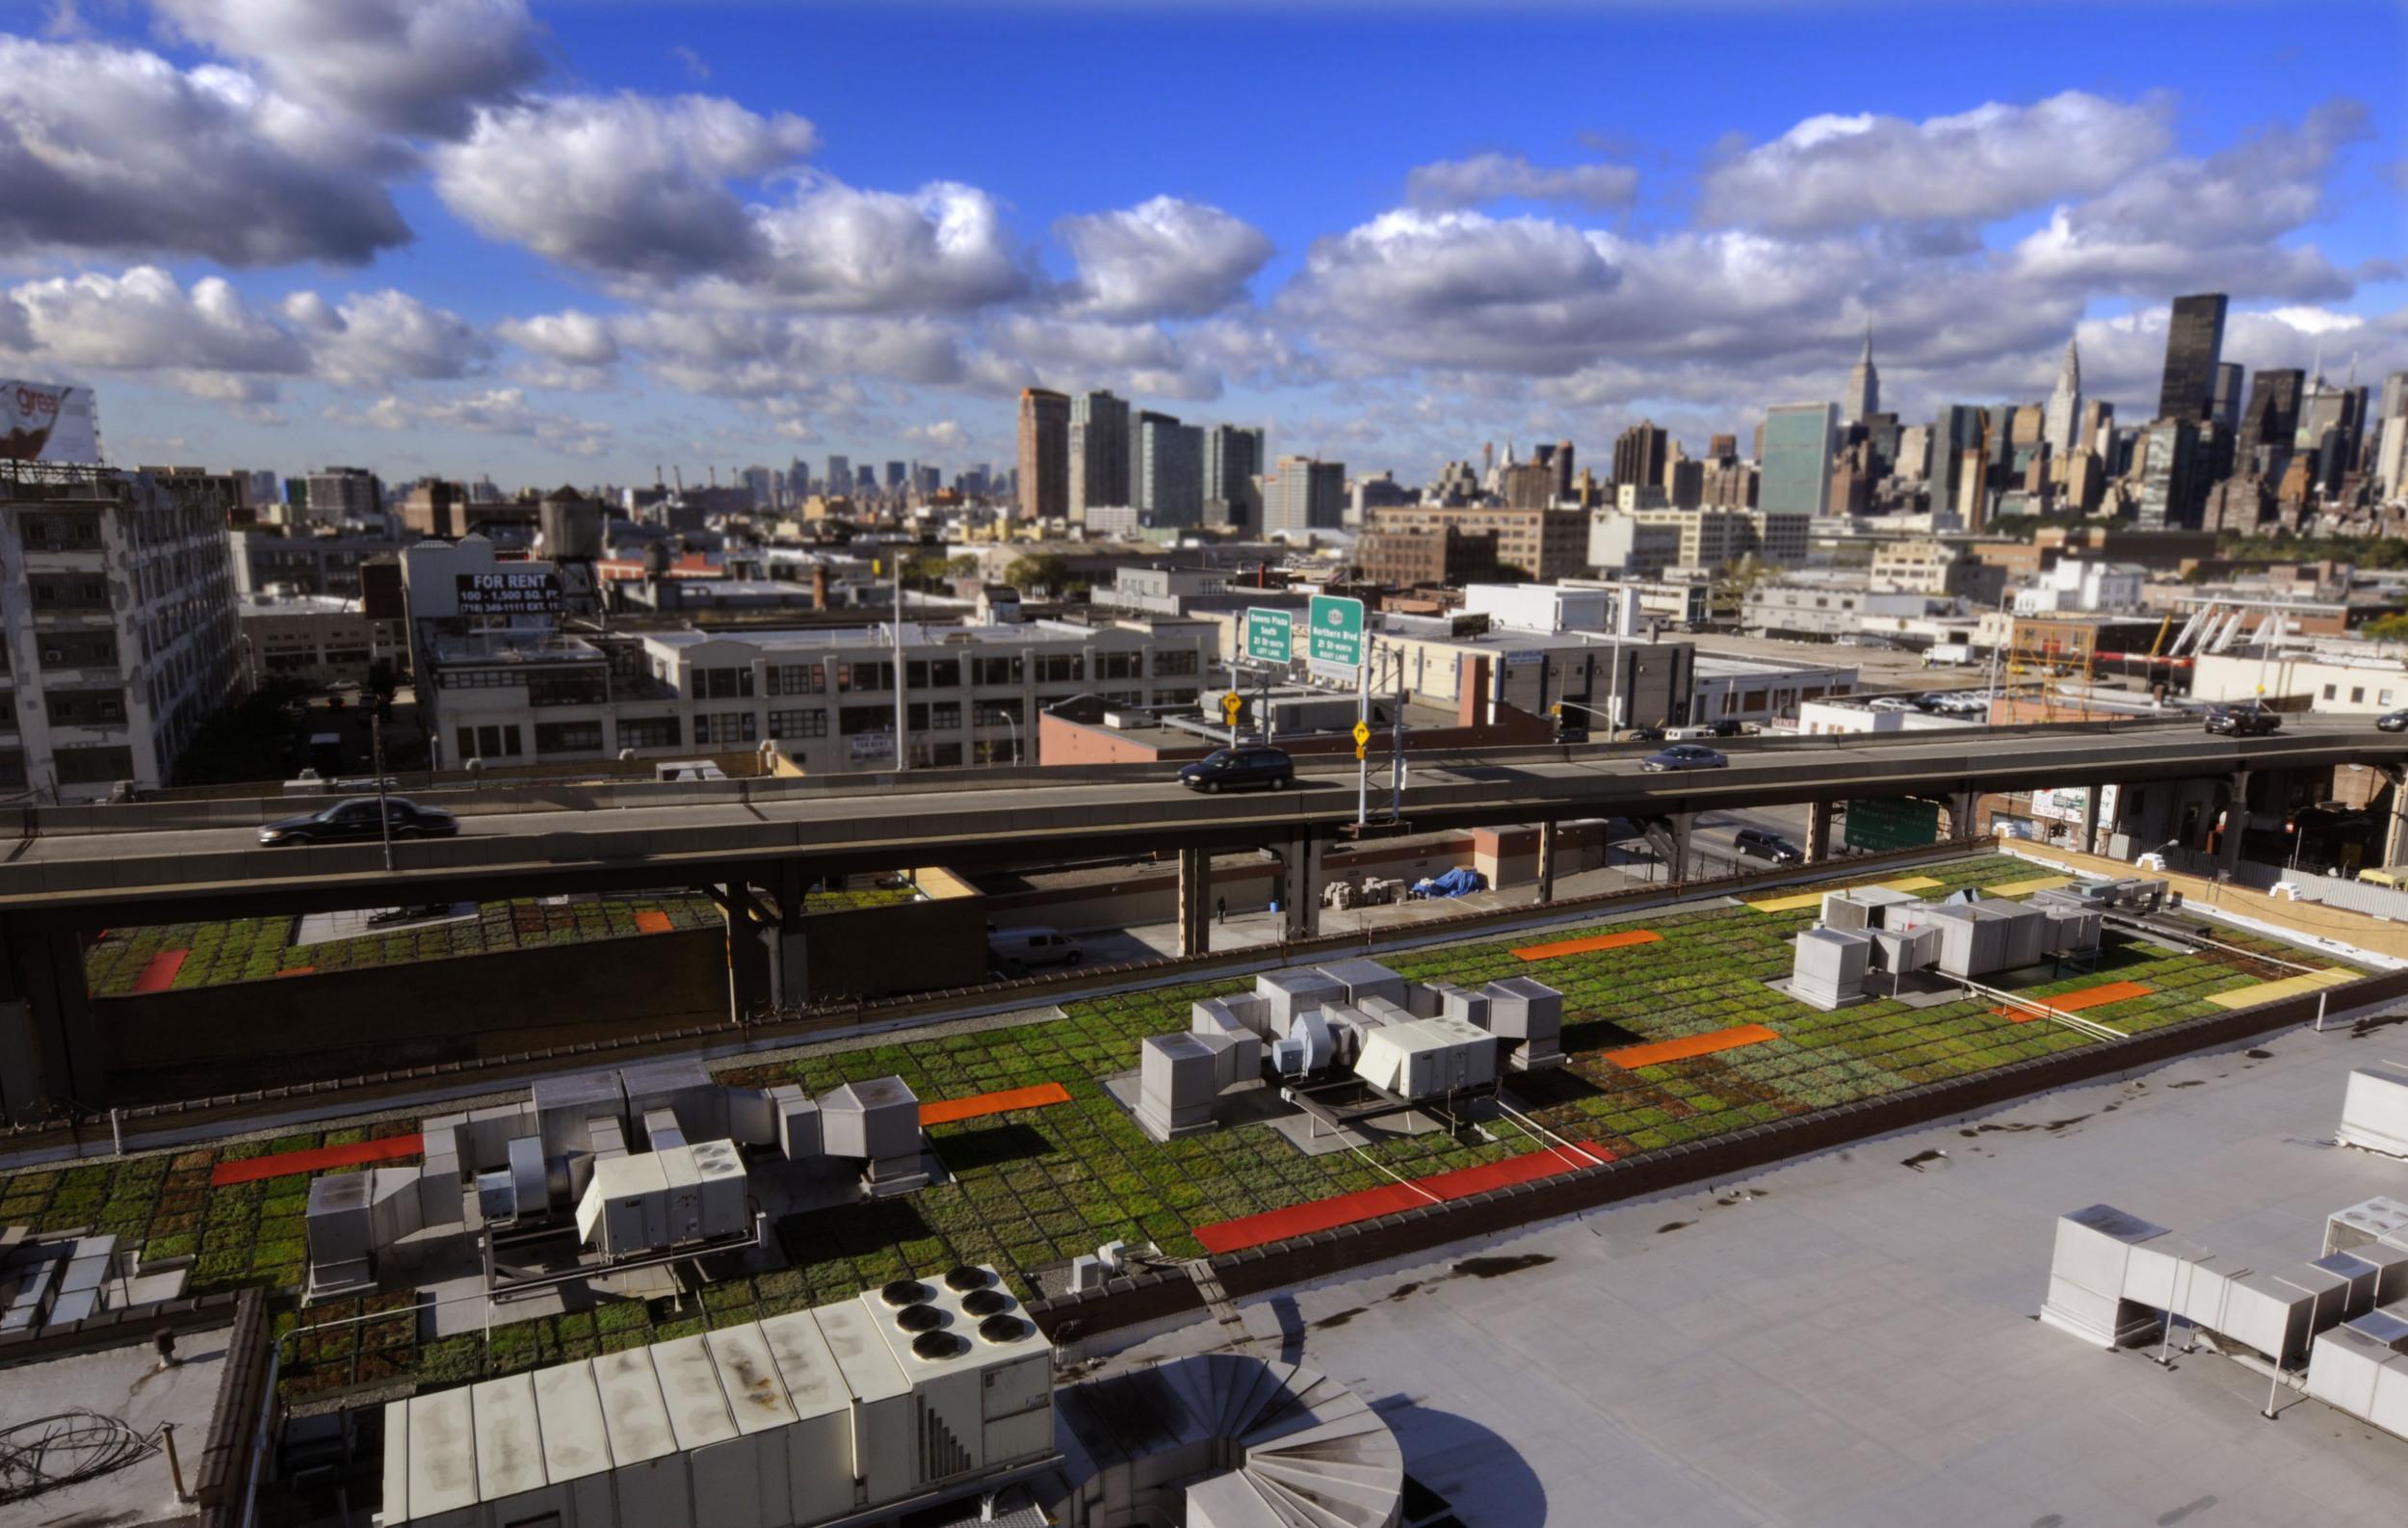 BA_LI Green City_Aerial View_Mark Dye.jpg